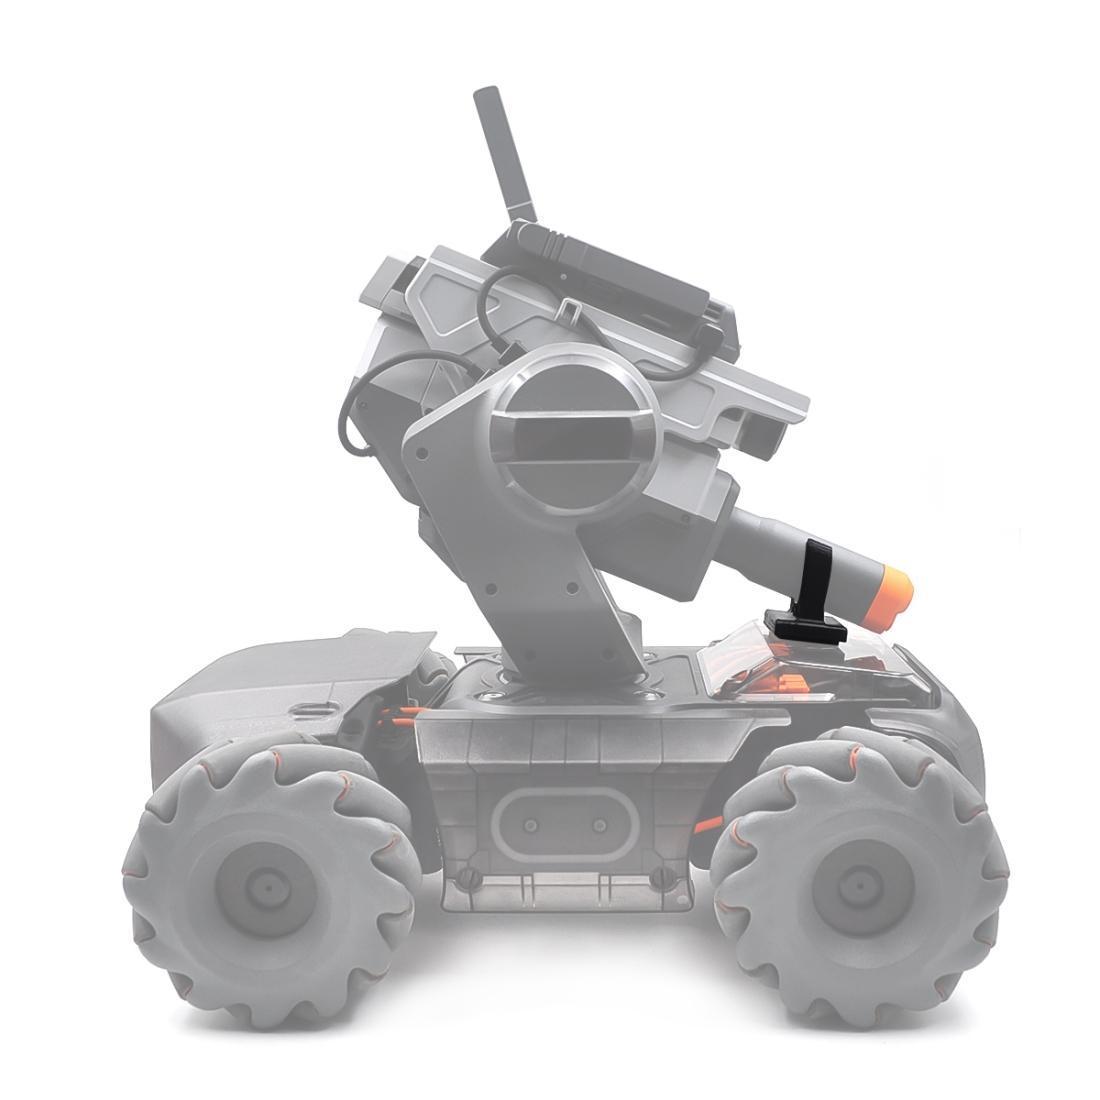 Giunto cardanico Camera staffa di montaggio per DJI Robomaster S1 espansione Accessori